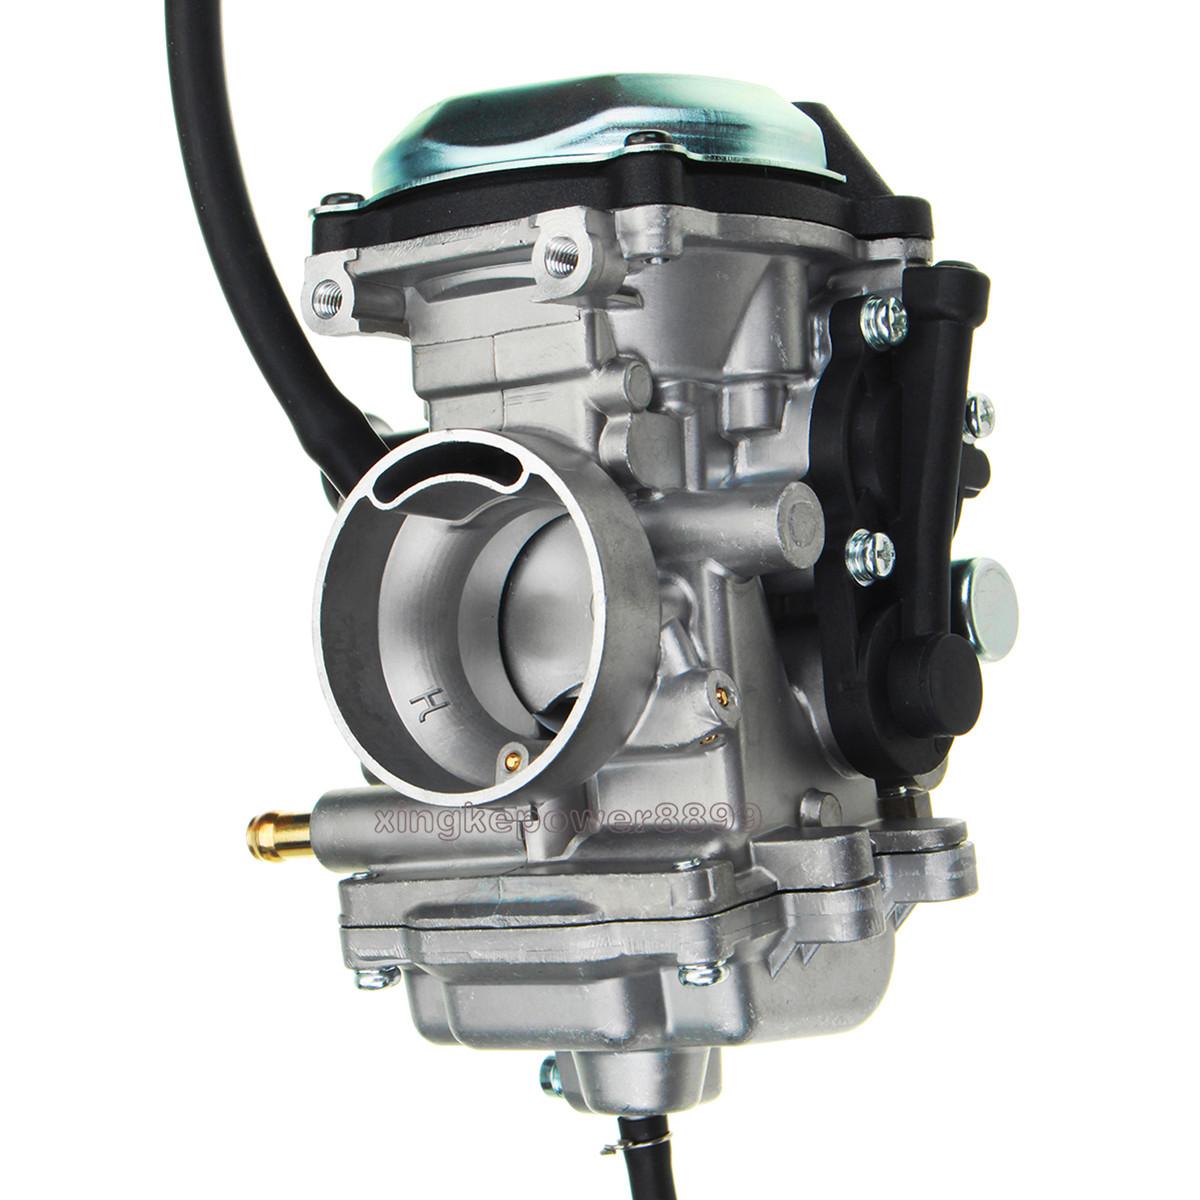 Performance Carburetor Yamaha Wolverine 350 YFM 350 Yfm350 1997 1998-2001 2002